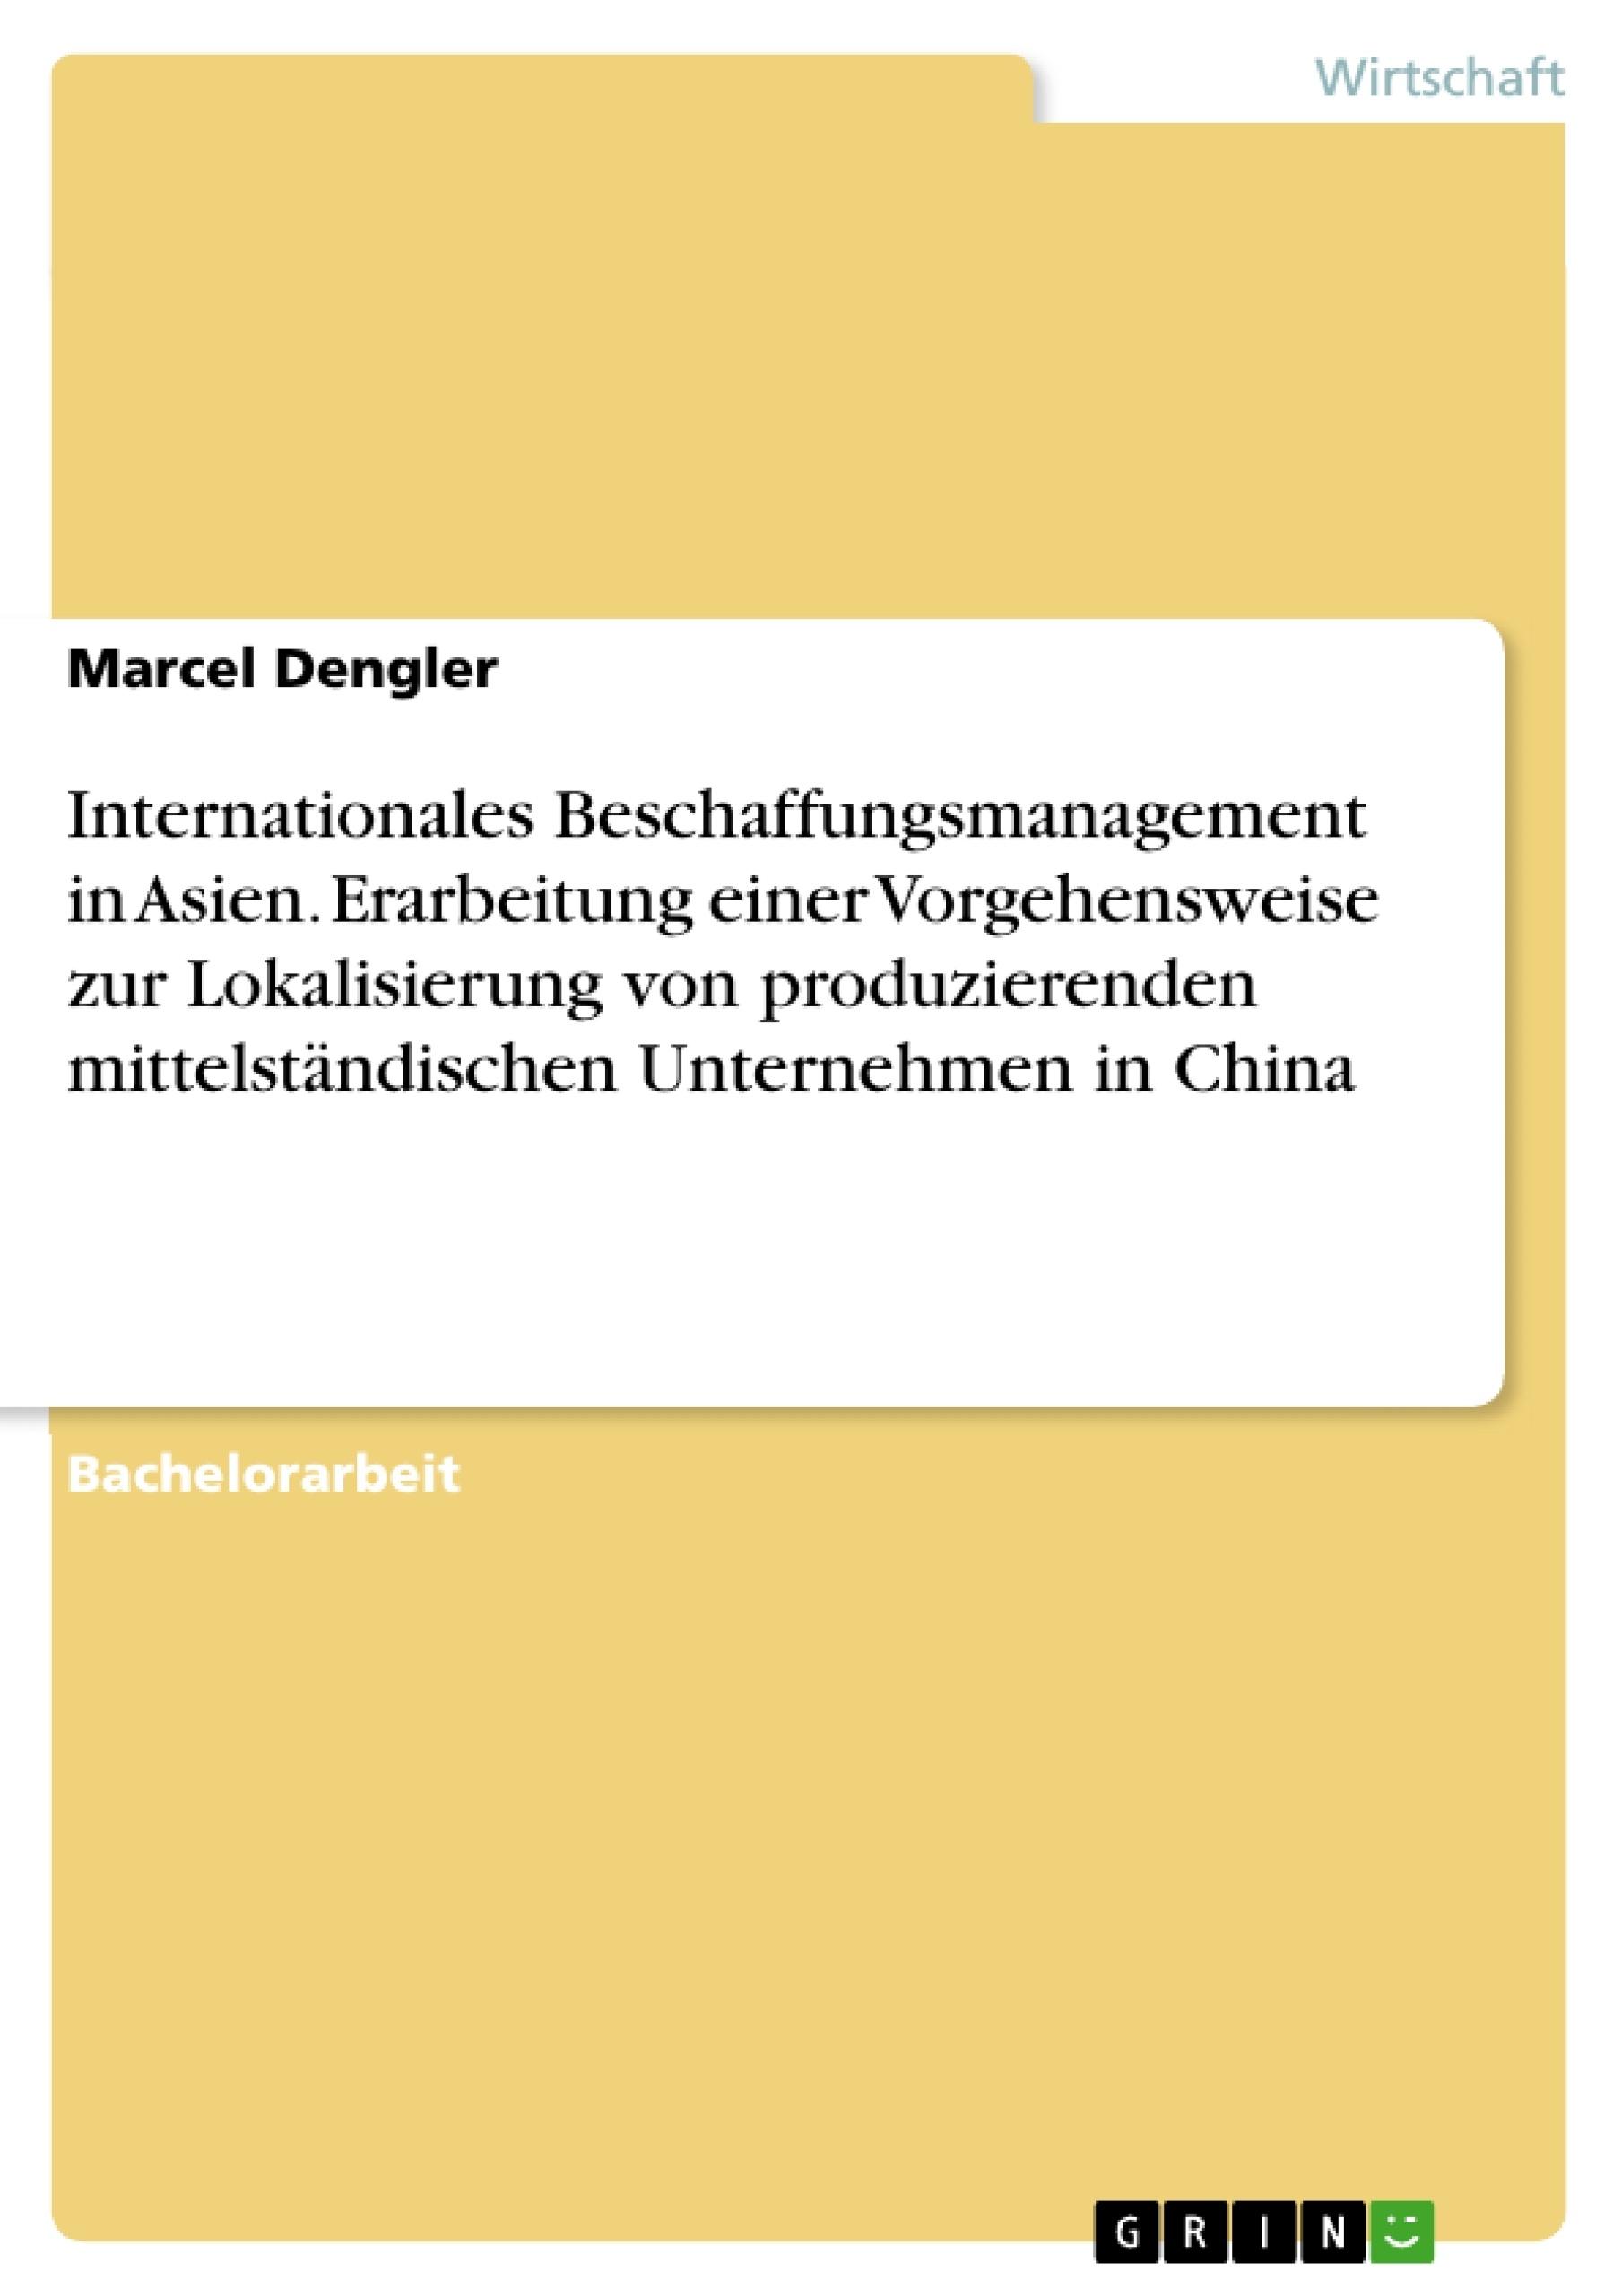 Titel: Internationales Beschaffungsmanagement in Asien. Erarbeitung einer Vorgehensweise zur Lokalisierung von produzierenden mittelständischen Unternehmen in China